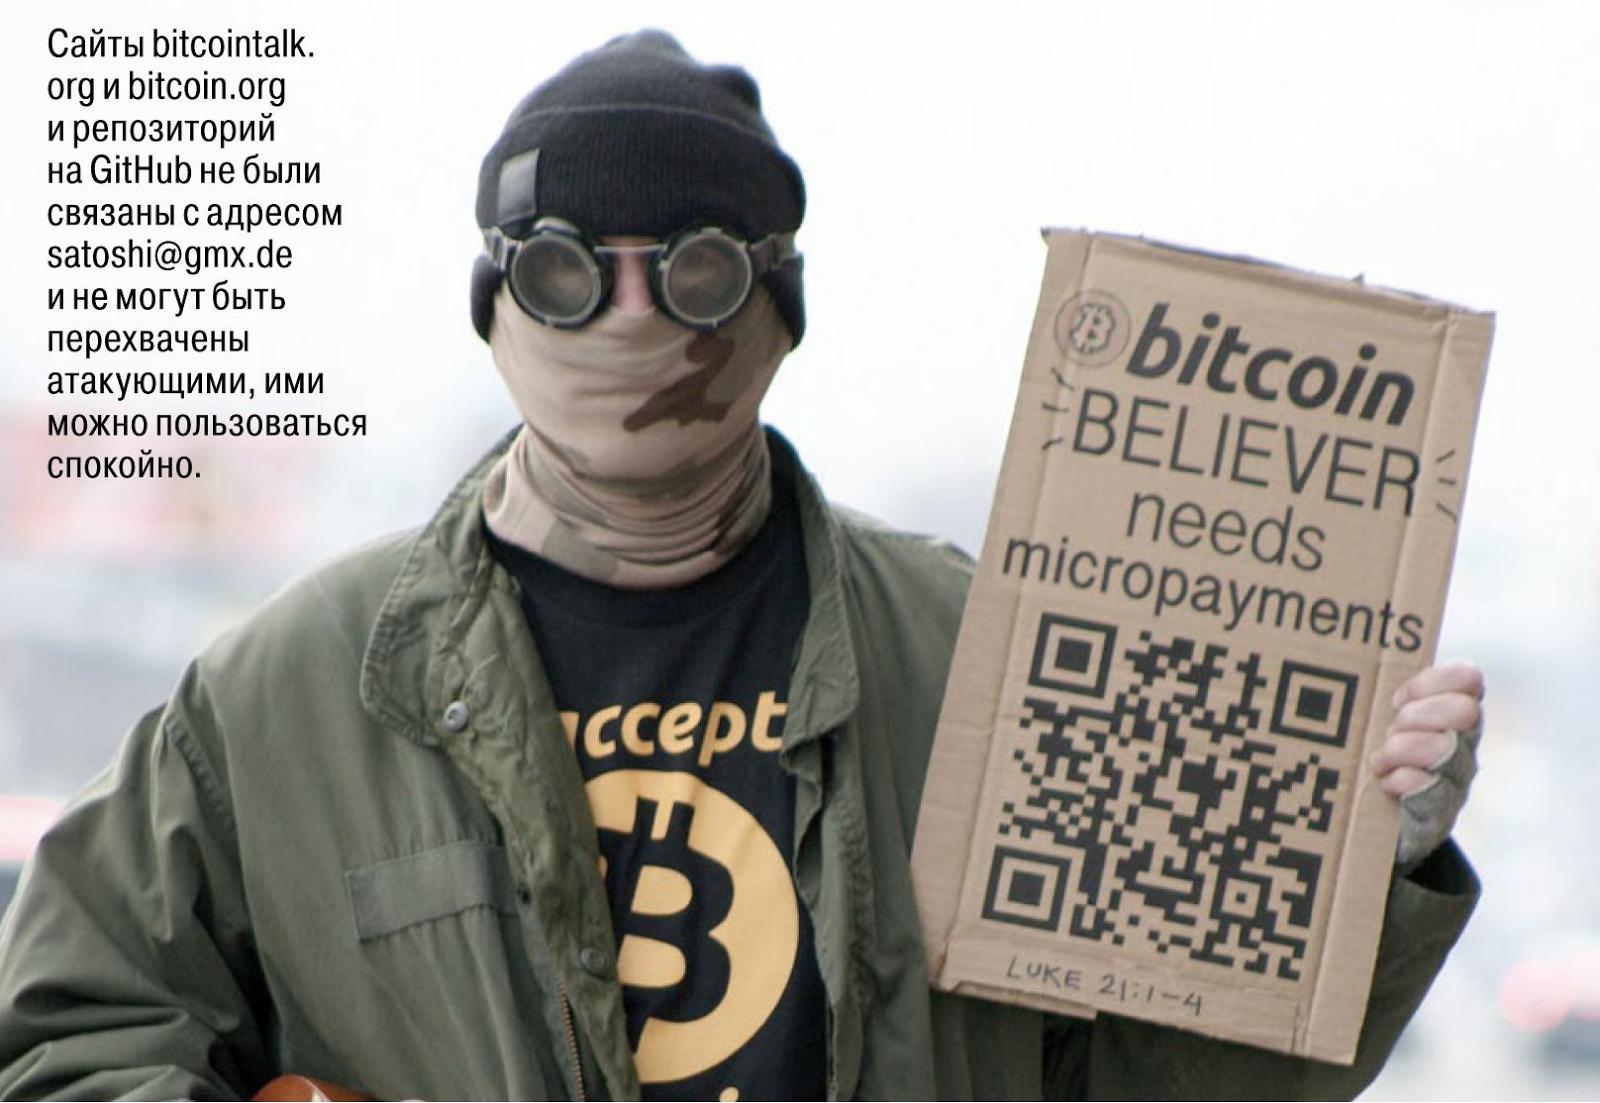 BitCoin mining и ботнеты до сих пор остаются основным источником заработка в сети